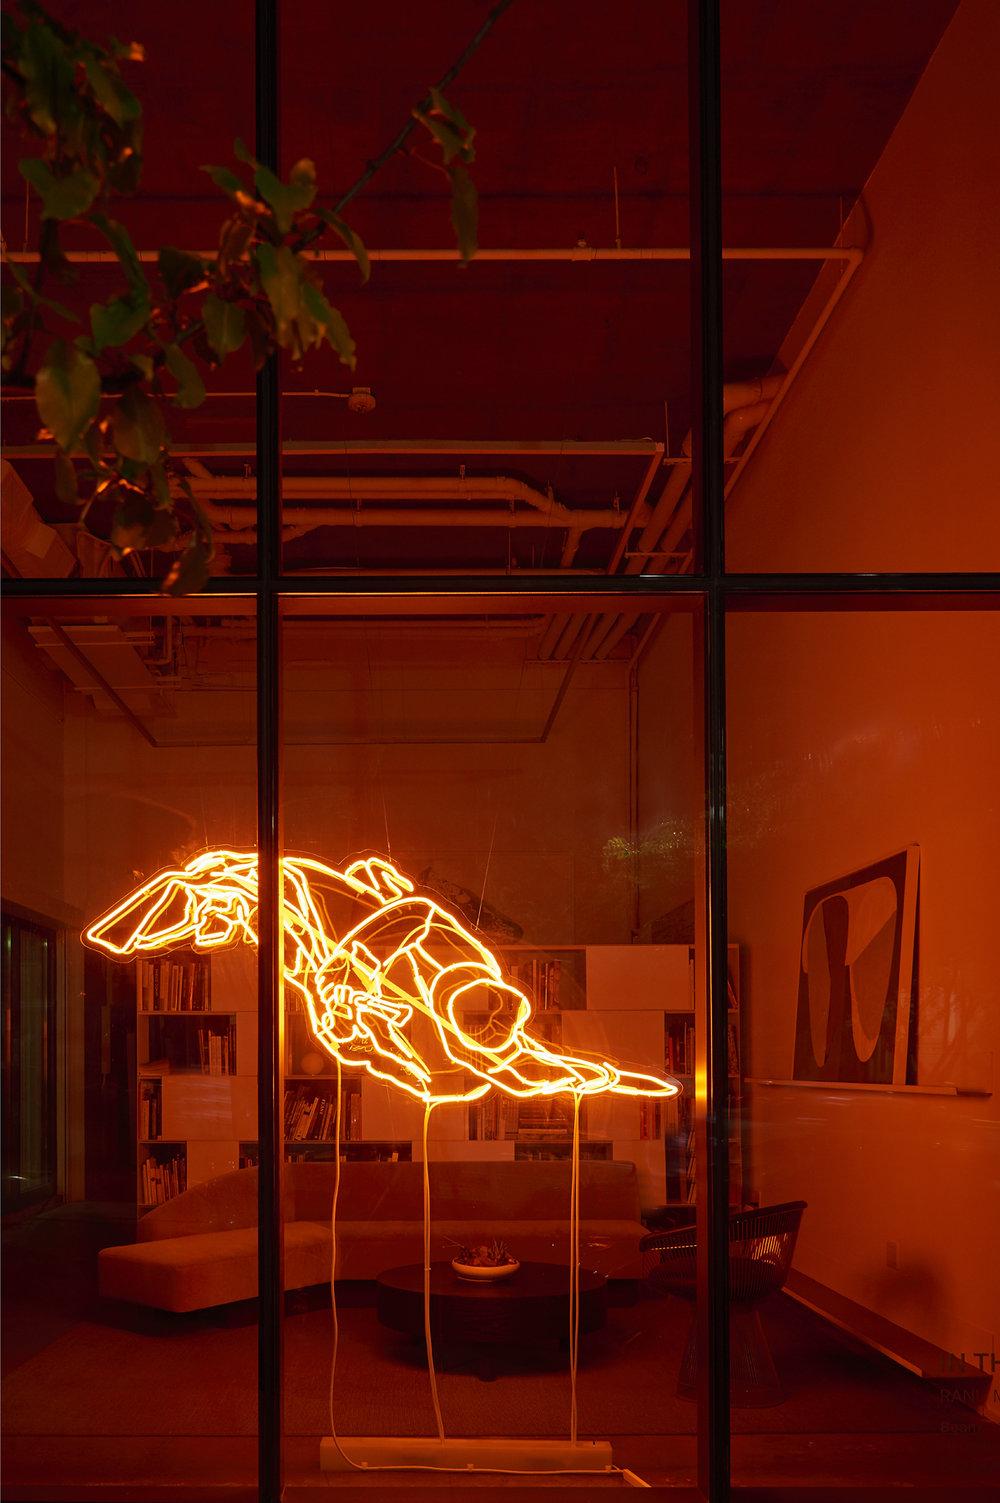 GALLERY WENDI NORRIS IN THE WINDOW   Ranu Mukherjee | Beam   Fall 2018 - Summer 2019 | Gallery Wendi Norris Headquarters, San Francisco, CA